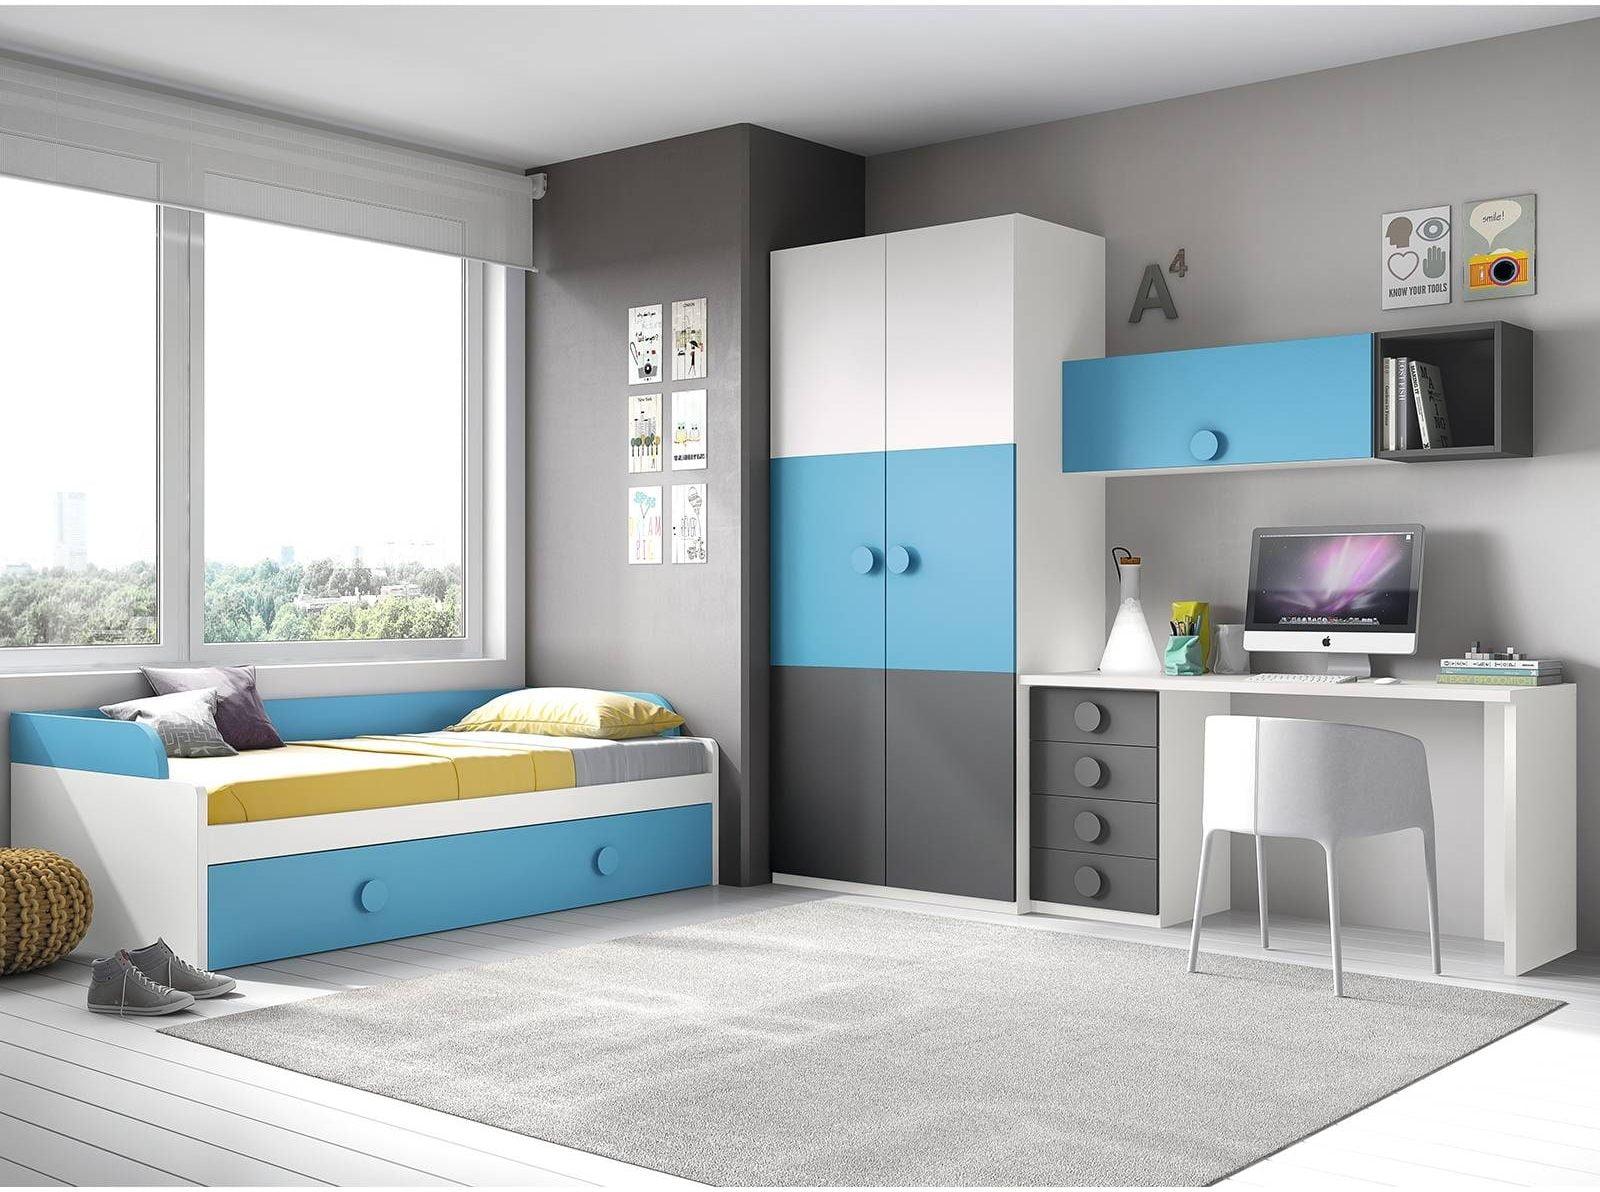 Los 5 mejores dormitorios juveniles con cama nido en for Cabeceros juveniles ikea